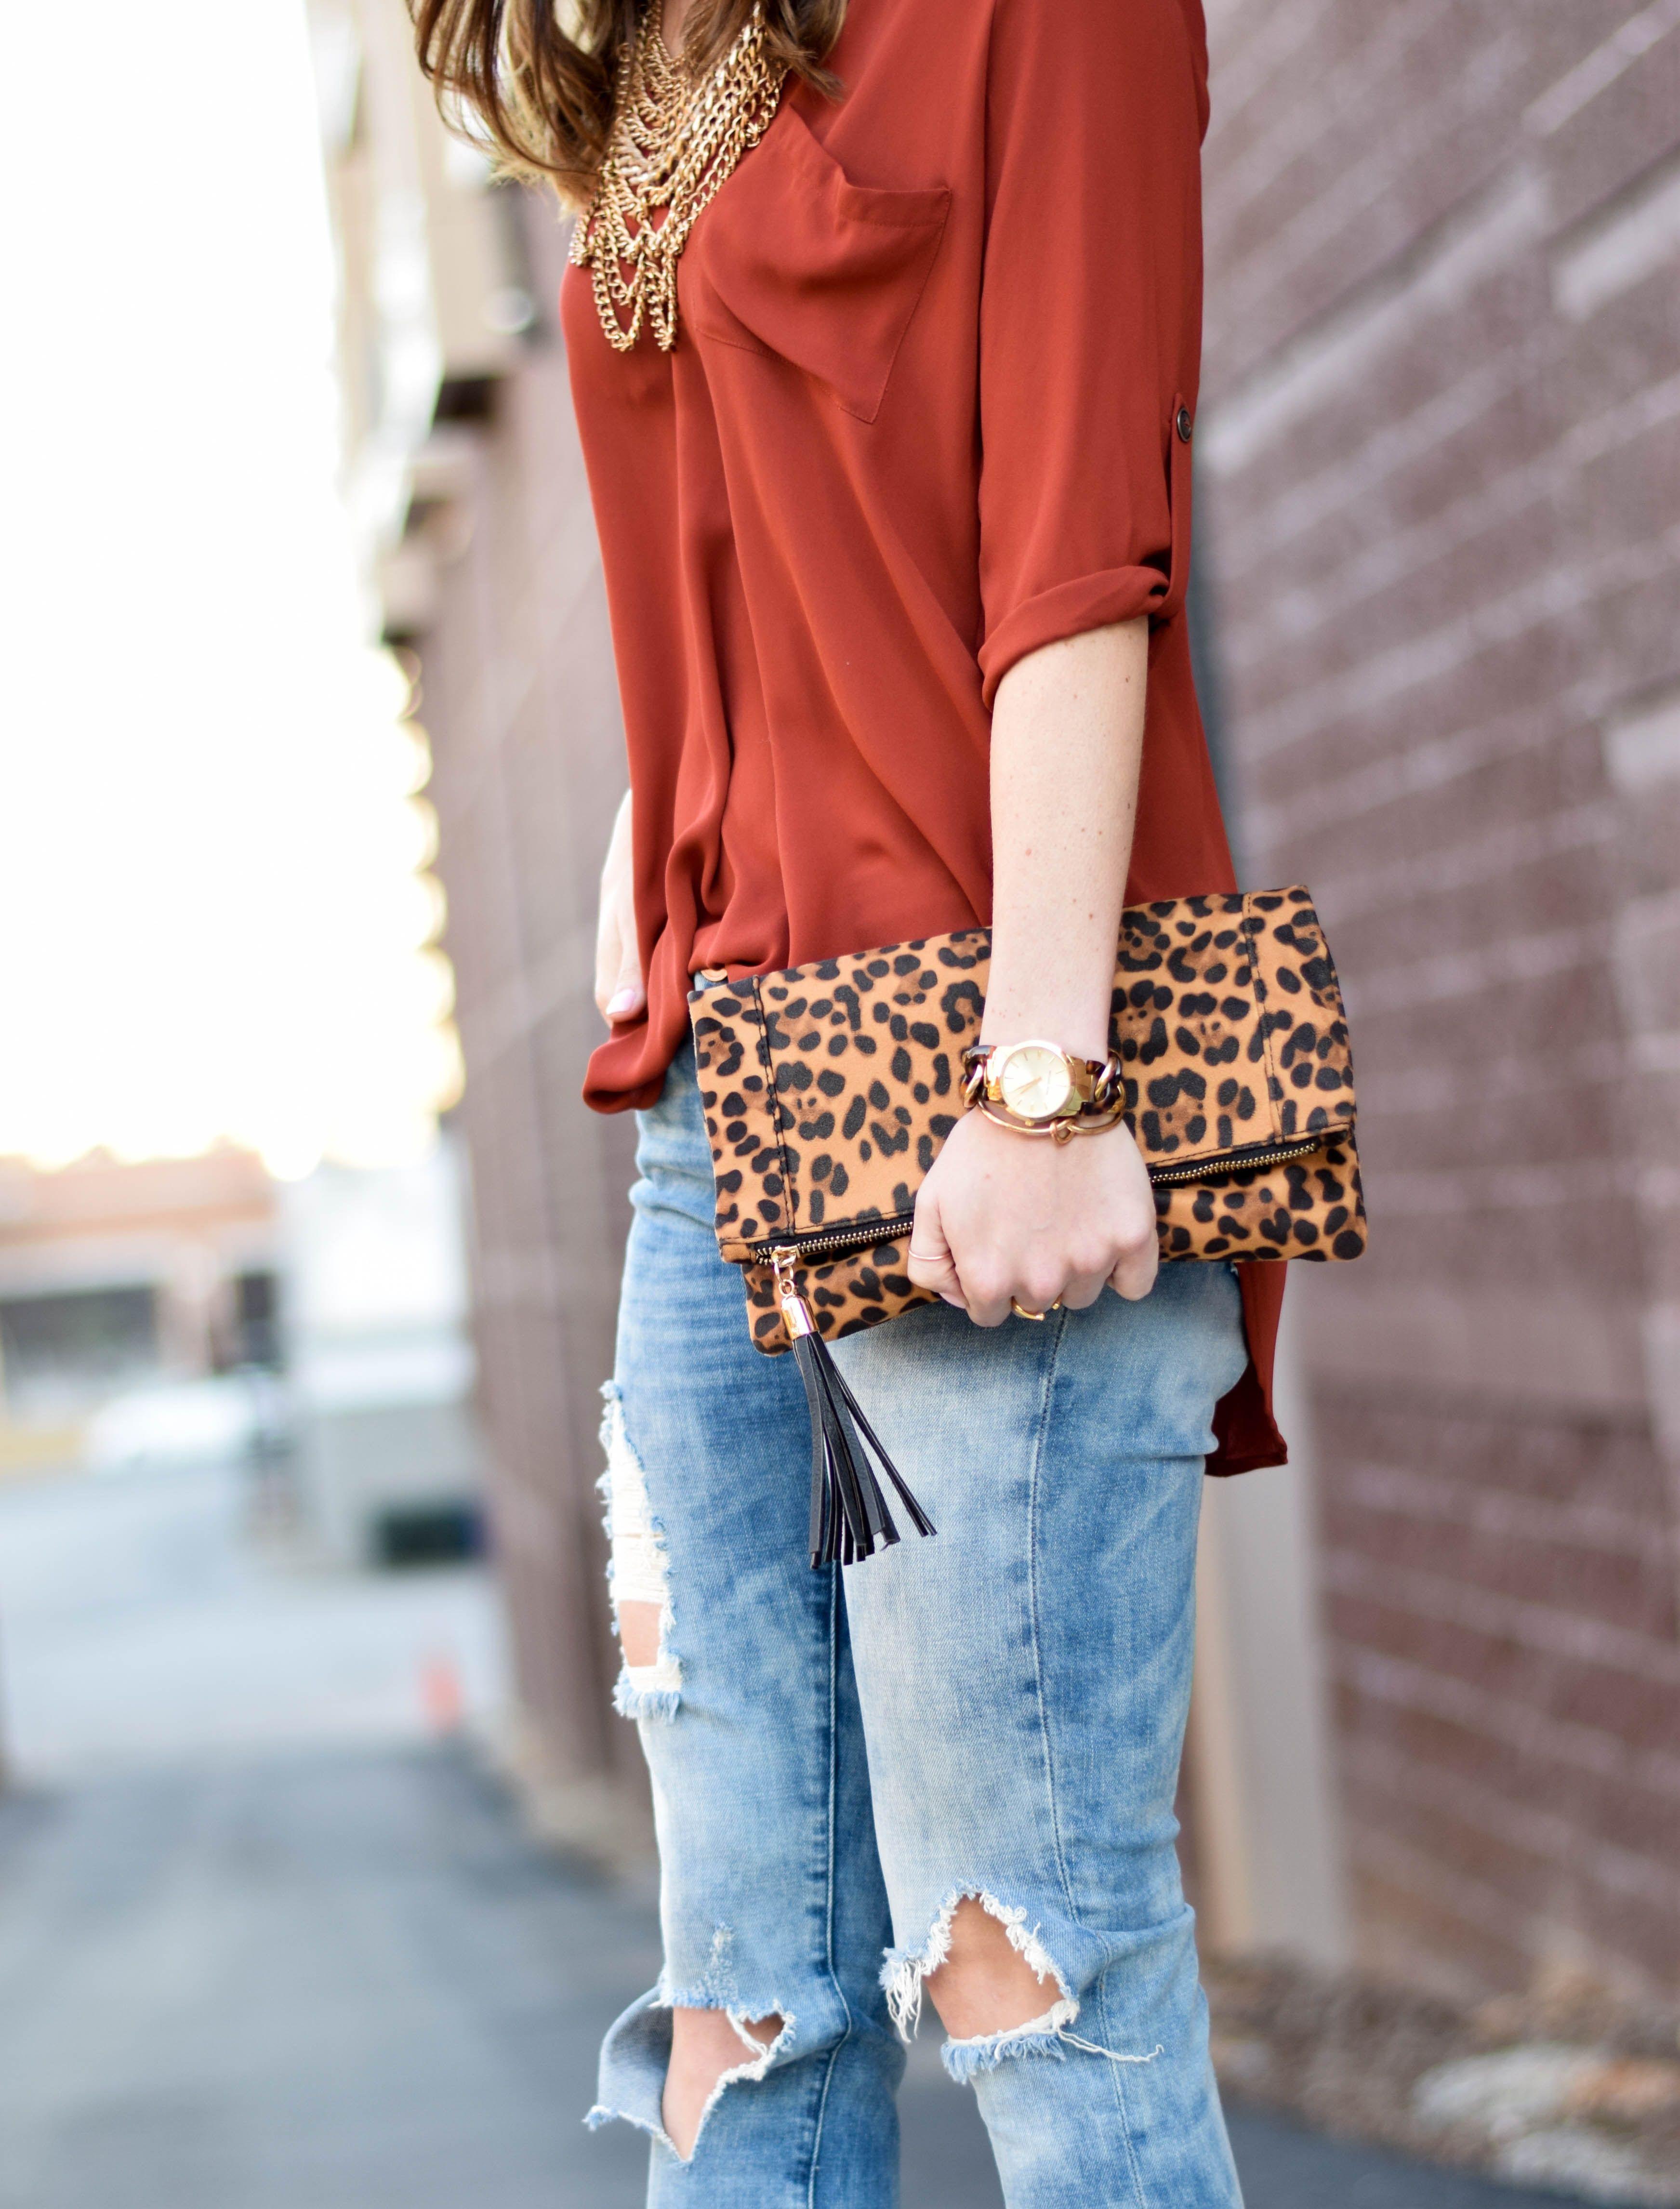 Burnt orange tunic, distressed denim, leopard clutch